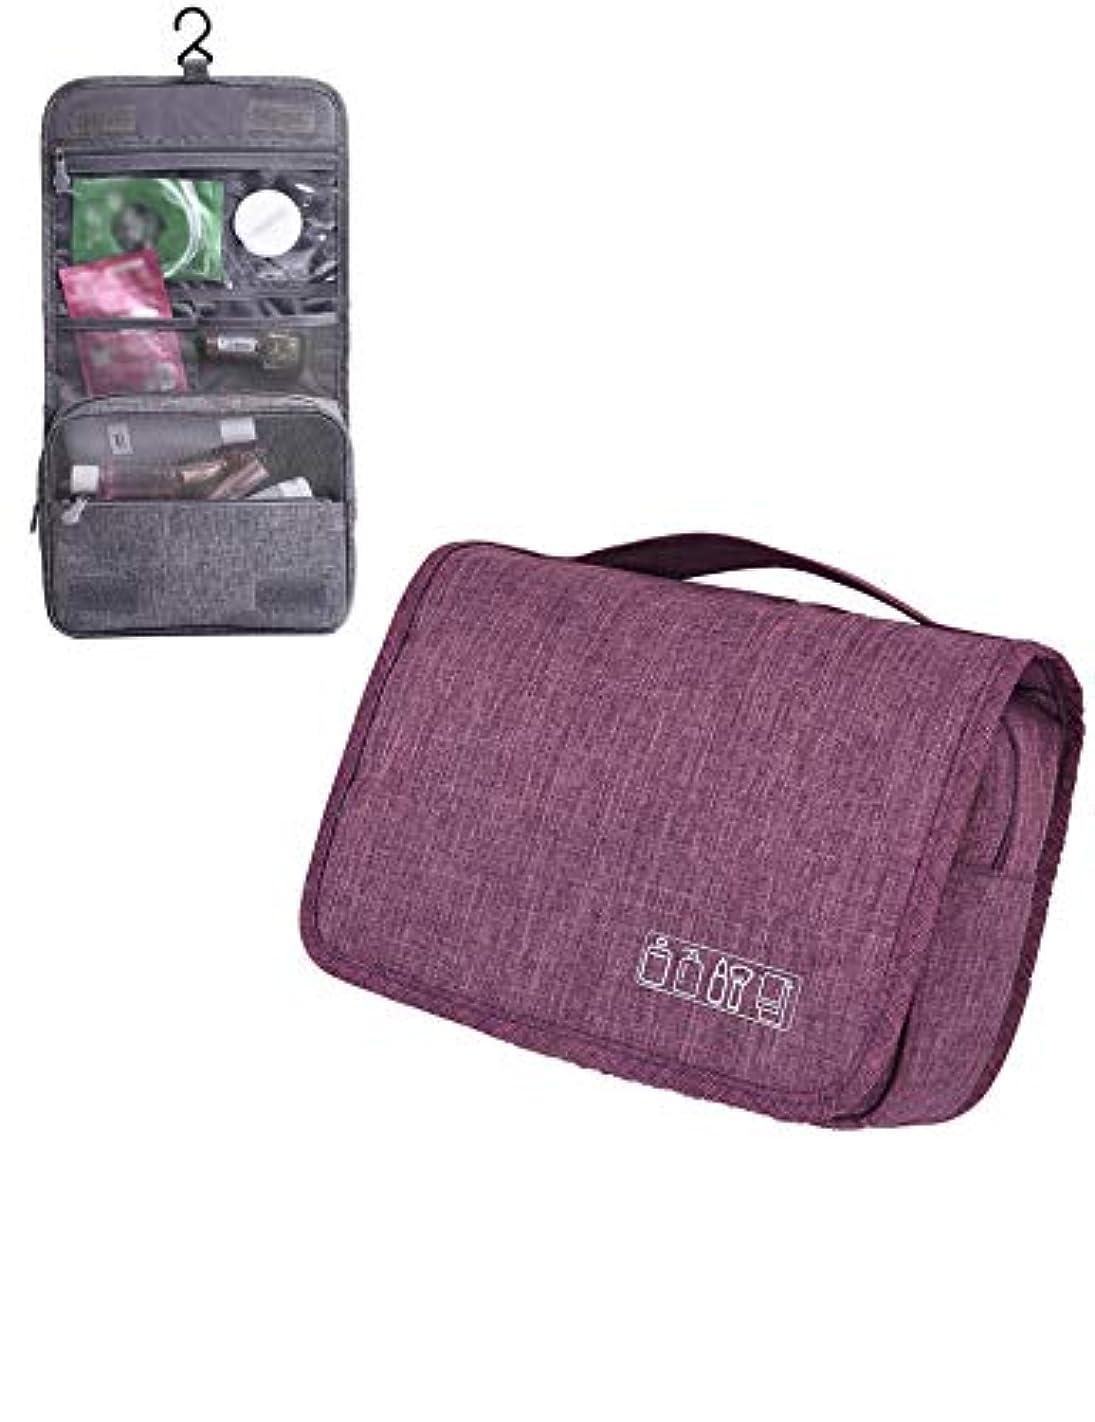 増強奇妙な発音ウォッシュバッグ 化粧品バッグ 旅行用収納バッグ フック付き携帯用折りたたみ収納袋 大容量 旅行?出張?家庭用